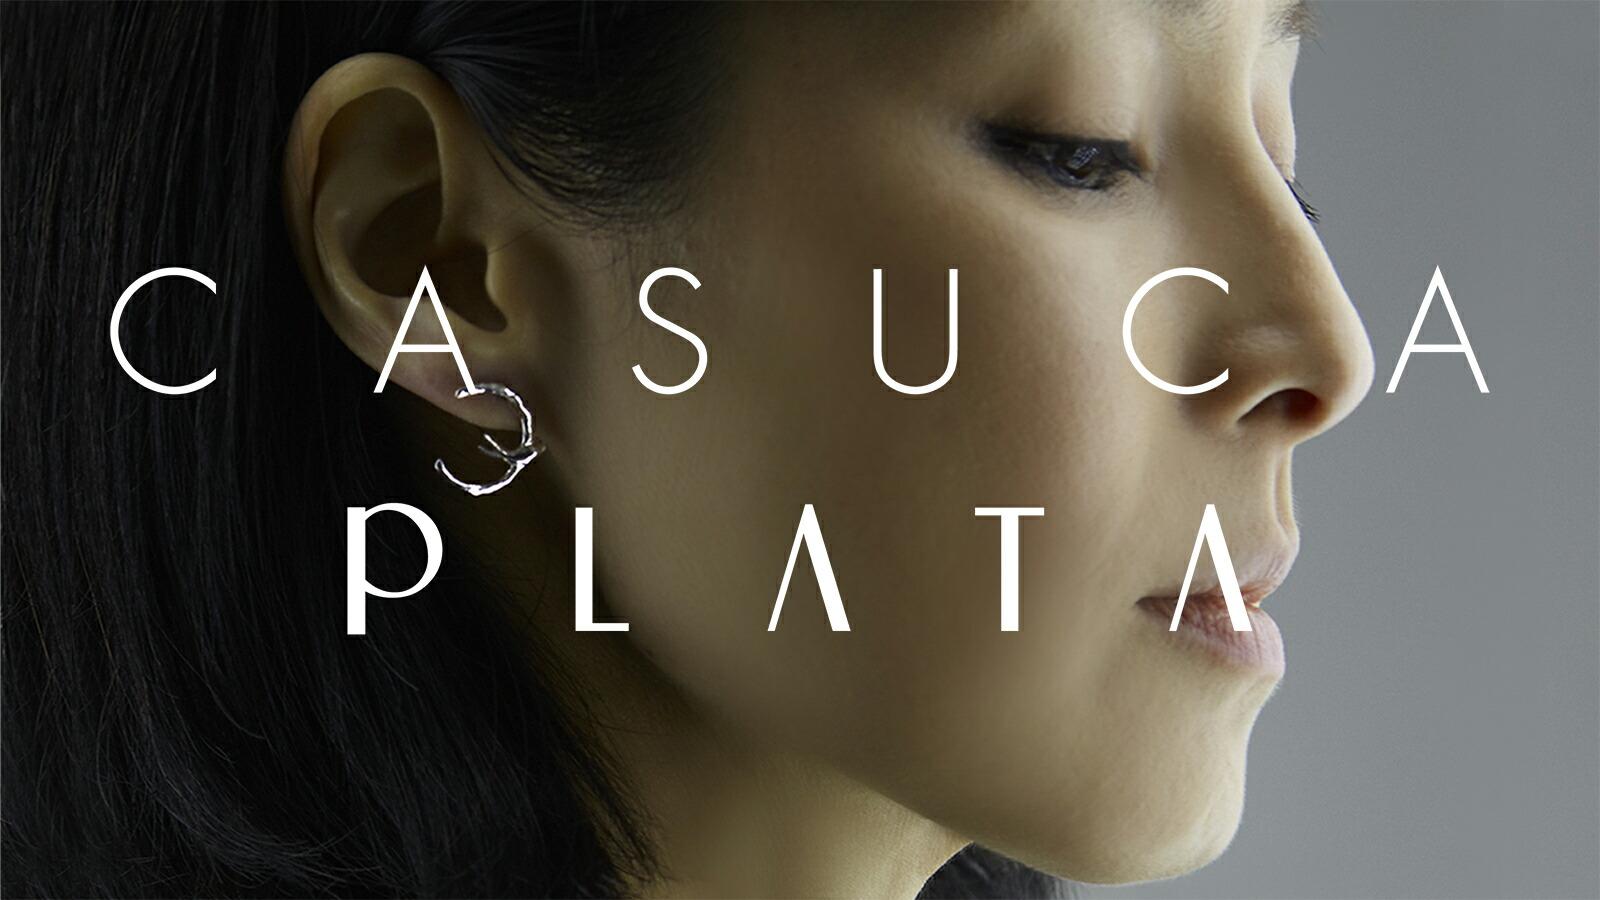 CASUCA PLATA